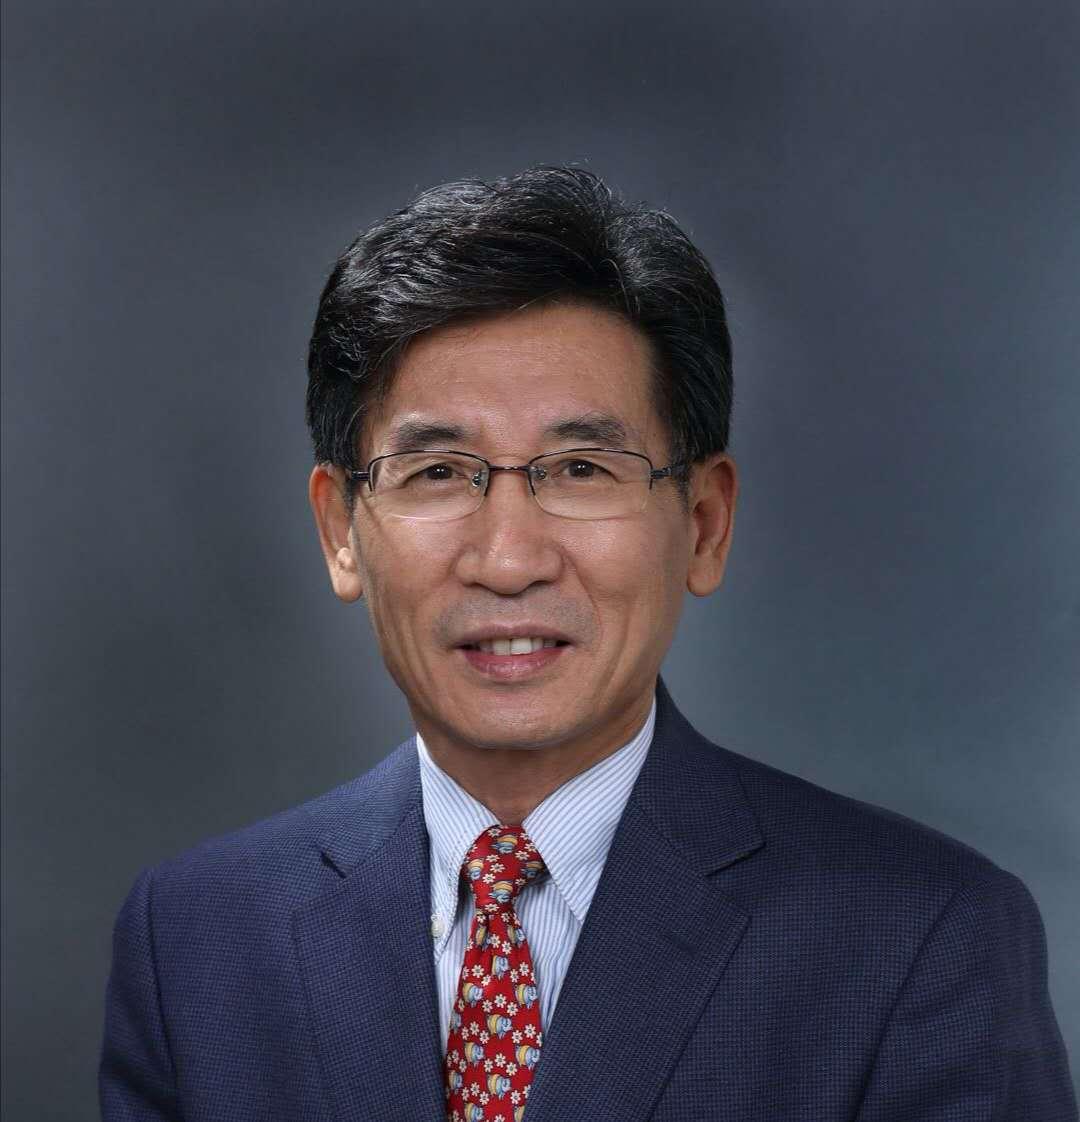 薛其坤获颁北京科学技术最高奖,首次实验实现量子反常霍尔效应